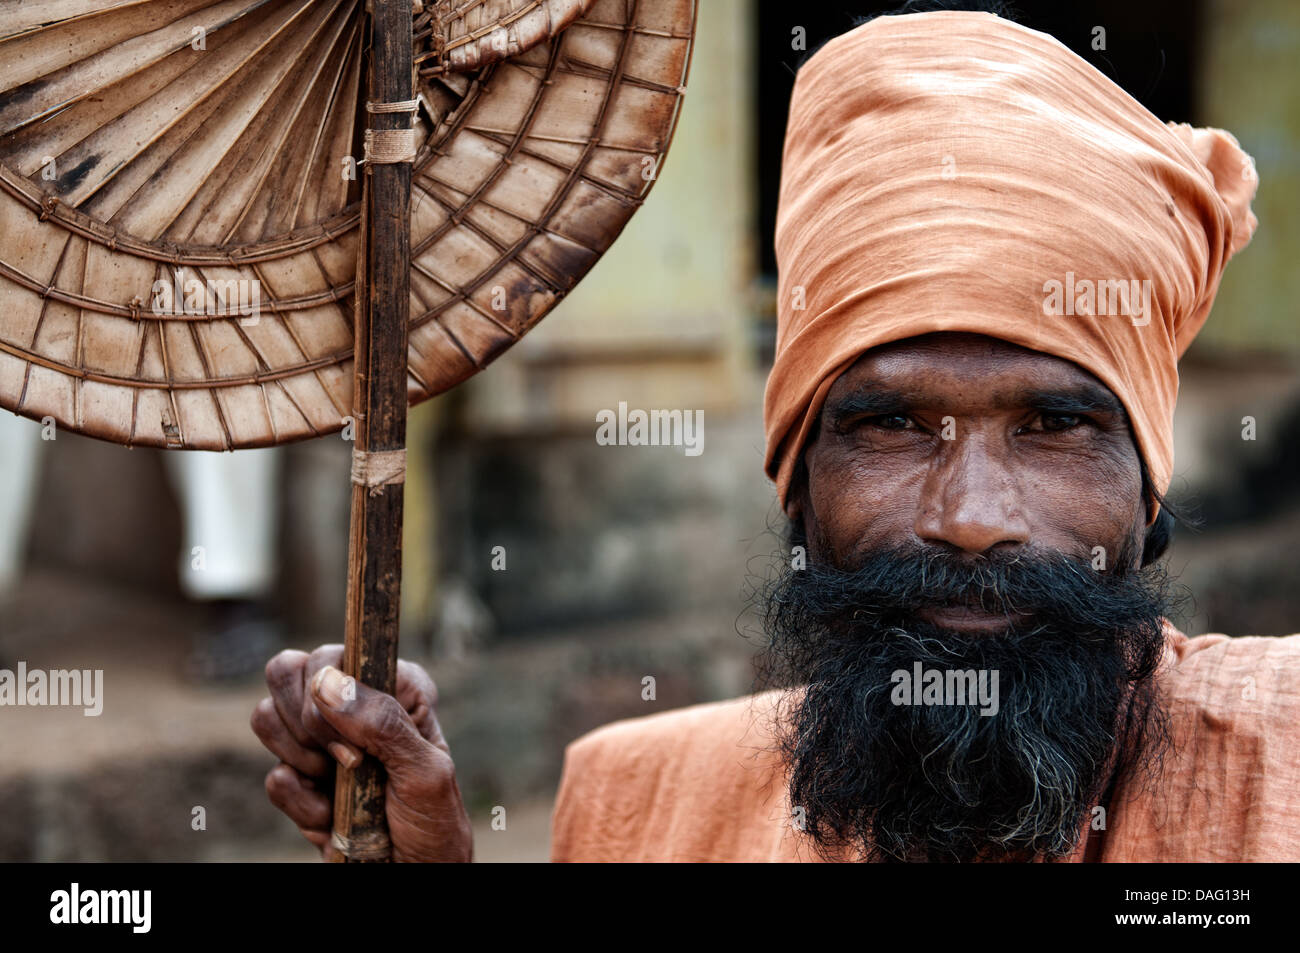 Portrait of sadhu in orange clothes. Bhubaneswar, Orissa, India - Stock Image